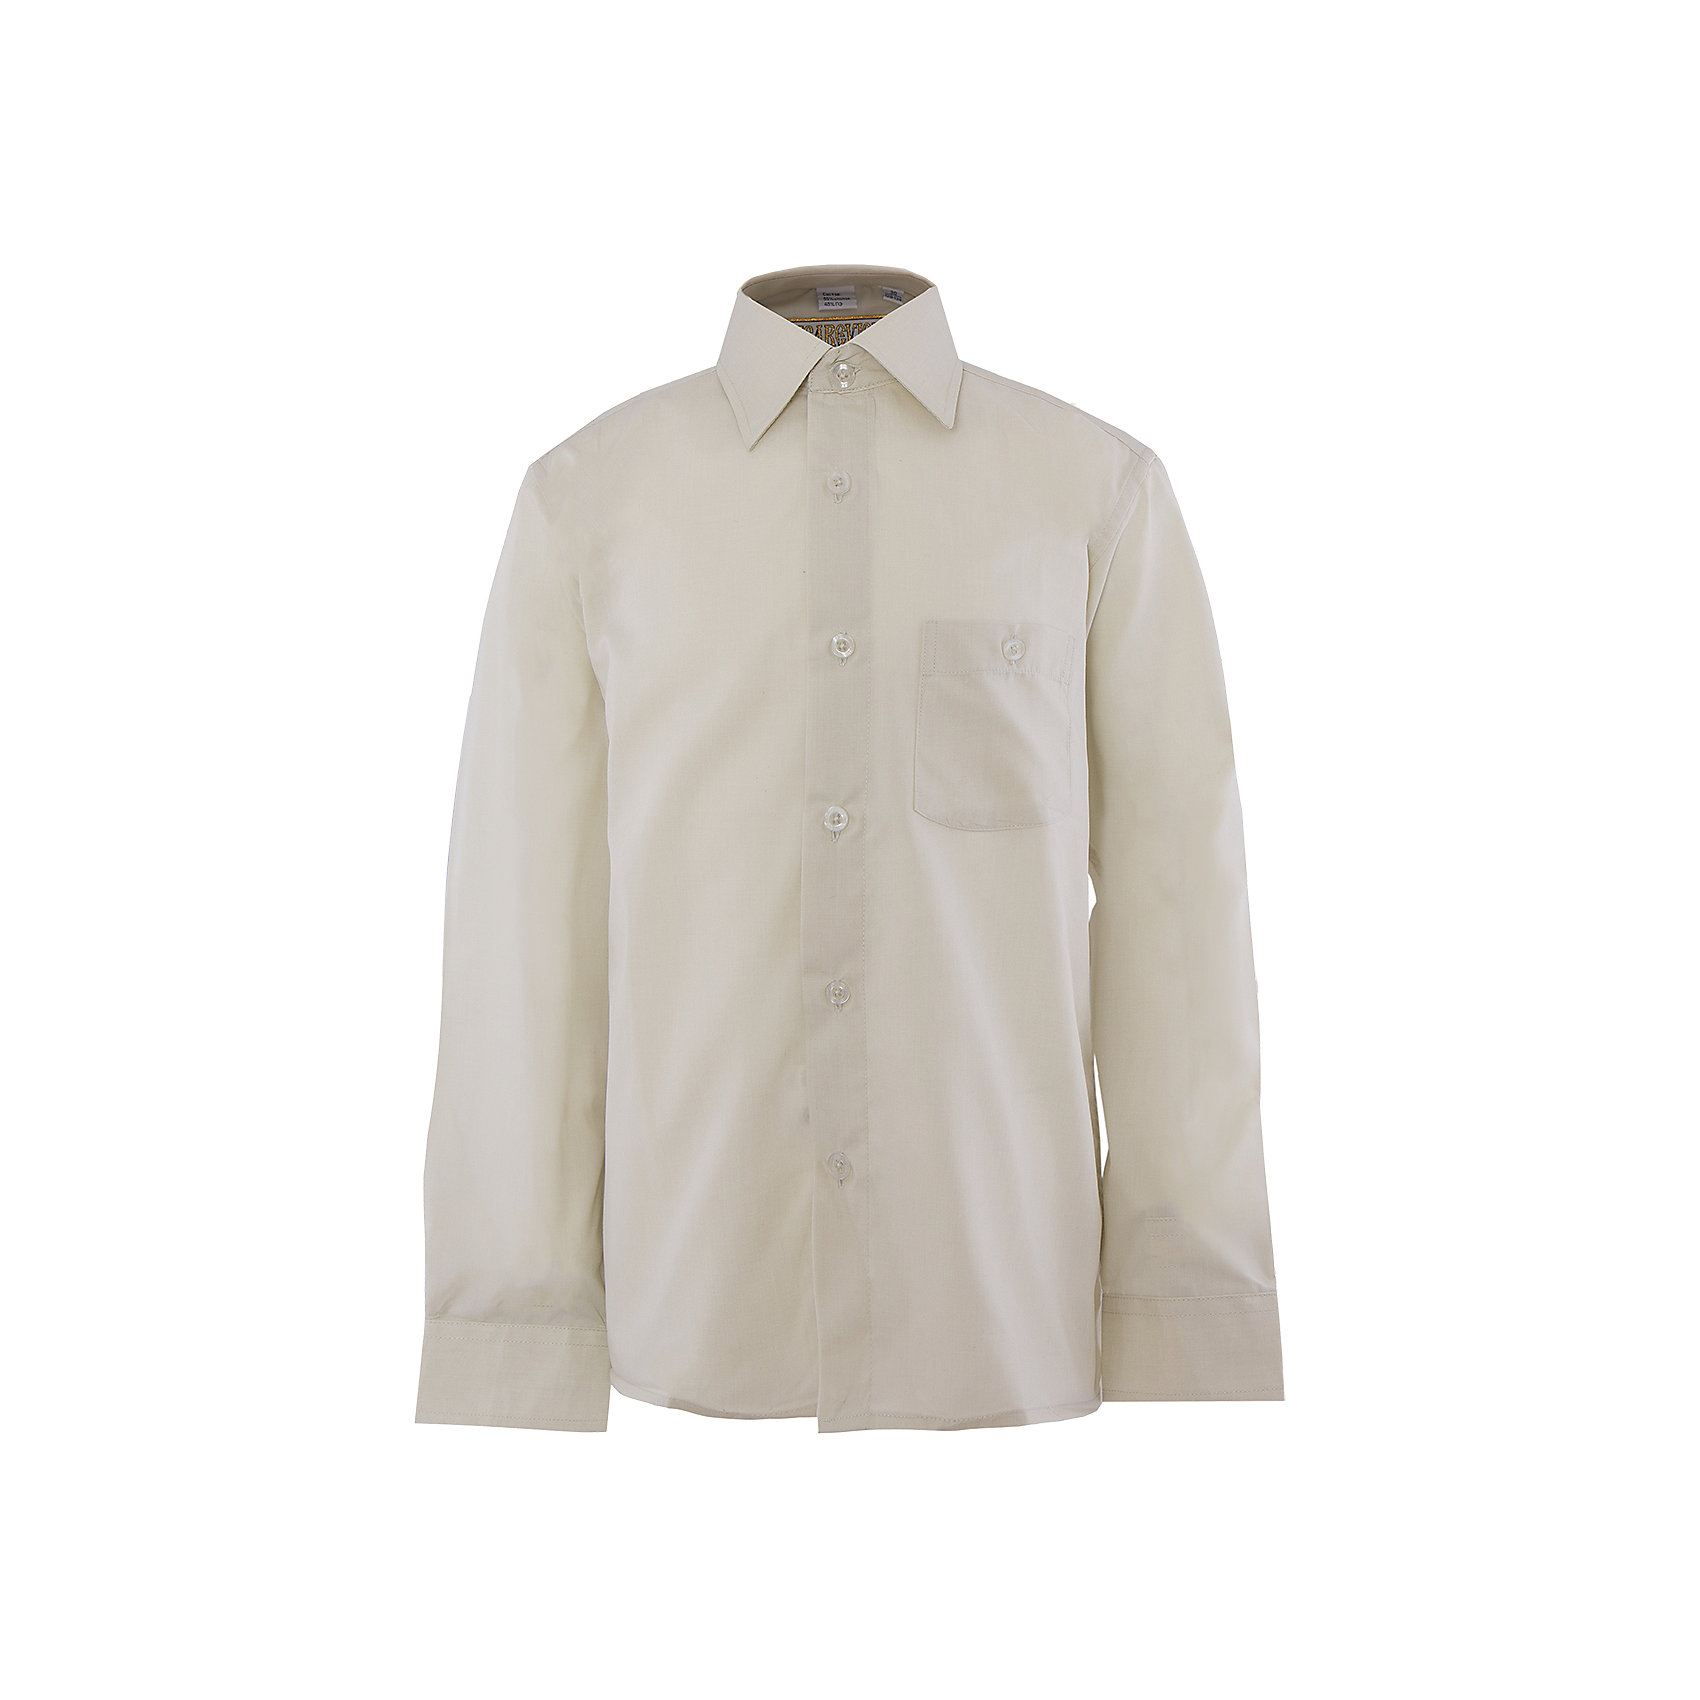 Рубашка для мальчика TsarevichРубашка для мальчика от российской марки Tsarevich<br><br>Стильная однотонная рубашка с длинным рукавом хорошо сидит, не стесняет движения. Материал - гипоаллергенный, дышащий и приятный на ощупь.<br><br>Особенности модели:<br><br>- материал - легкий, с содержанием хлопка;<br>- цвет - серо-зеленый;<br>- карман на груди с пуговицей;<br>- рукав длинный;<br>- застежки-пуговицы;<br>- манжеты;<br>- отложной воротник;<br>- пуговицы на манжетах.<br><br>Дополнительная информация:<br><br>Состав: 80% хлопок, 20% полиэстер<br><br>Габариты:<br><br>длина рукава - 45 см;<br>длина по спинке - 53 см.<br><br>* соответствует размеру 30/128-134<br><br>Уход за изделием:<br><br>стирка в машине при температуре до 40°С,<br>не отбеливать,<br>гладить на средней температуре.<br><br>Рубашку для мальчика от российской марки Tsarevich (Царевич) можно купить в нашем магазине.<br><br>Ширина мм: 174<br>Глубина мм: 10<br>Высота мм: 169<br>Вес г: 157<br>Цвет: зеленый<br>Возраст от месяцев: 108<br>Возраст до месяцев: 120<br>Пол: Мужской<br>Возраст: Детский<br>Размер: 134/140,128/134,146/152,158/164,122/128,164/170,152/158,140/146<br>SKU: 4295899